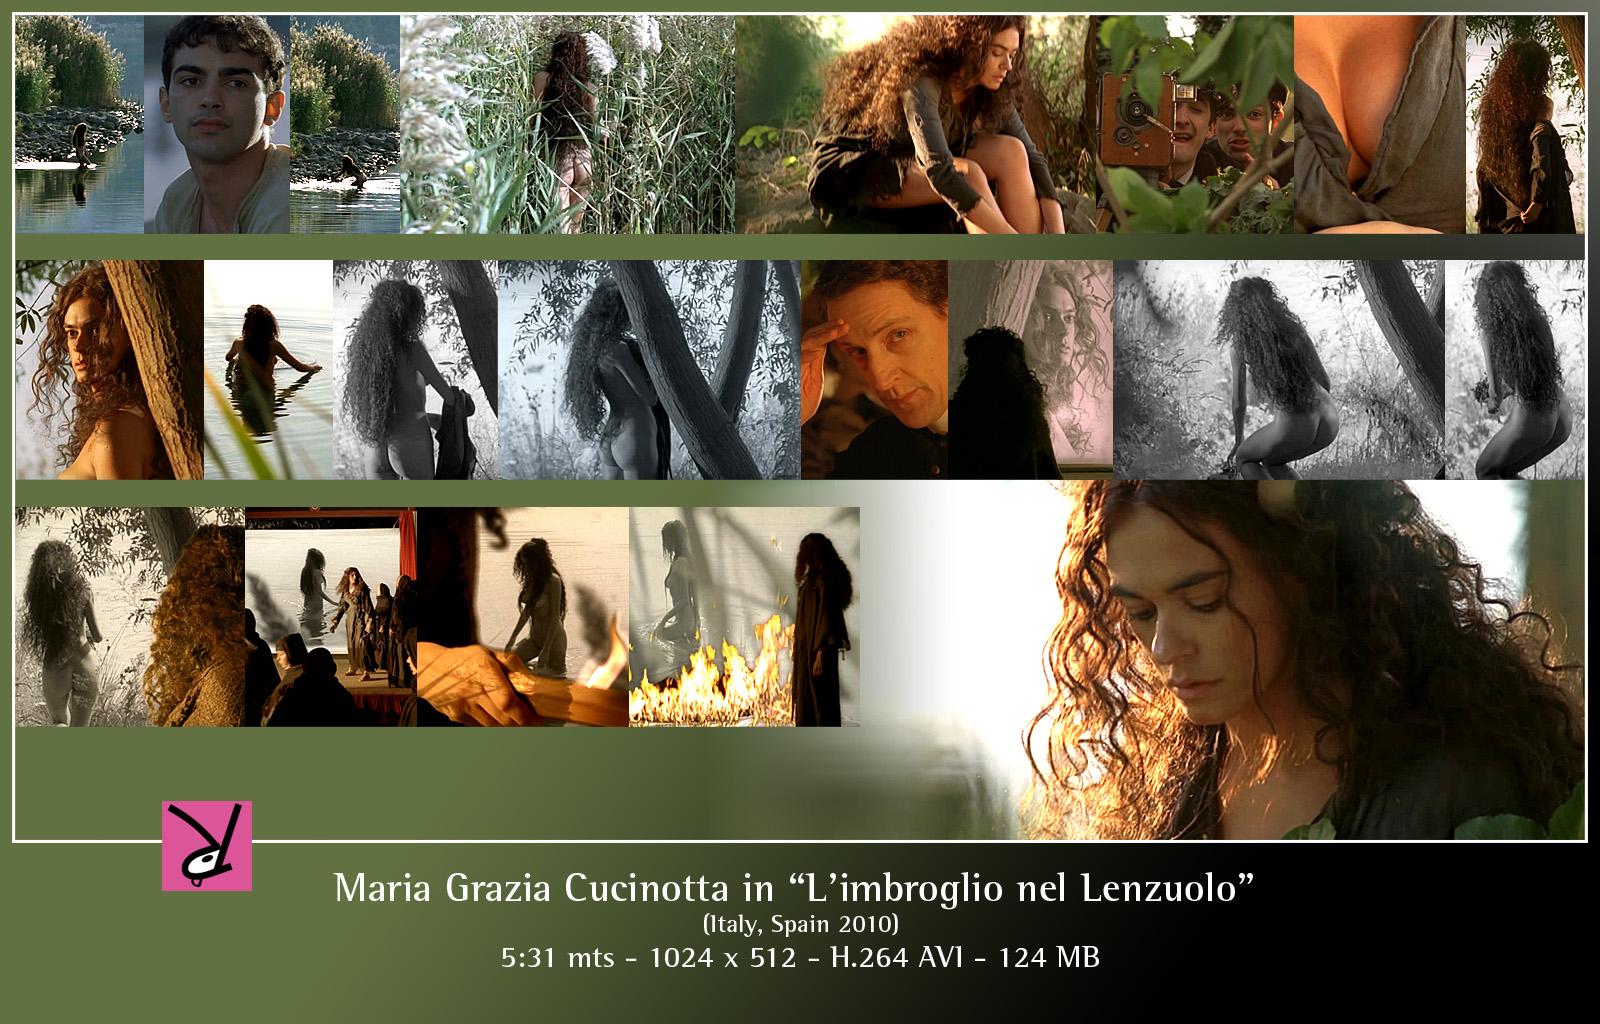 Maria Grazia Cucinotta Nude In L Imbroglio Nel Lenzuolo Thirstyrabbit